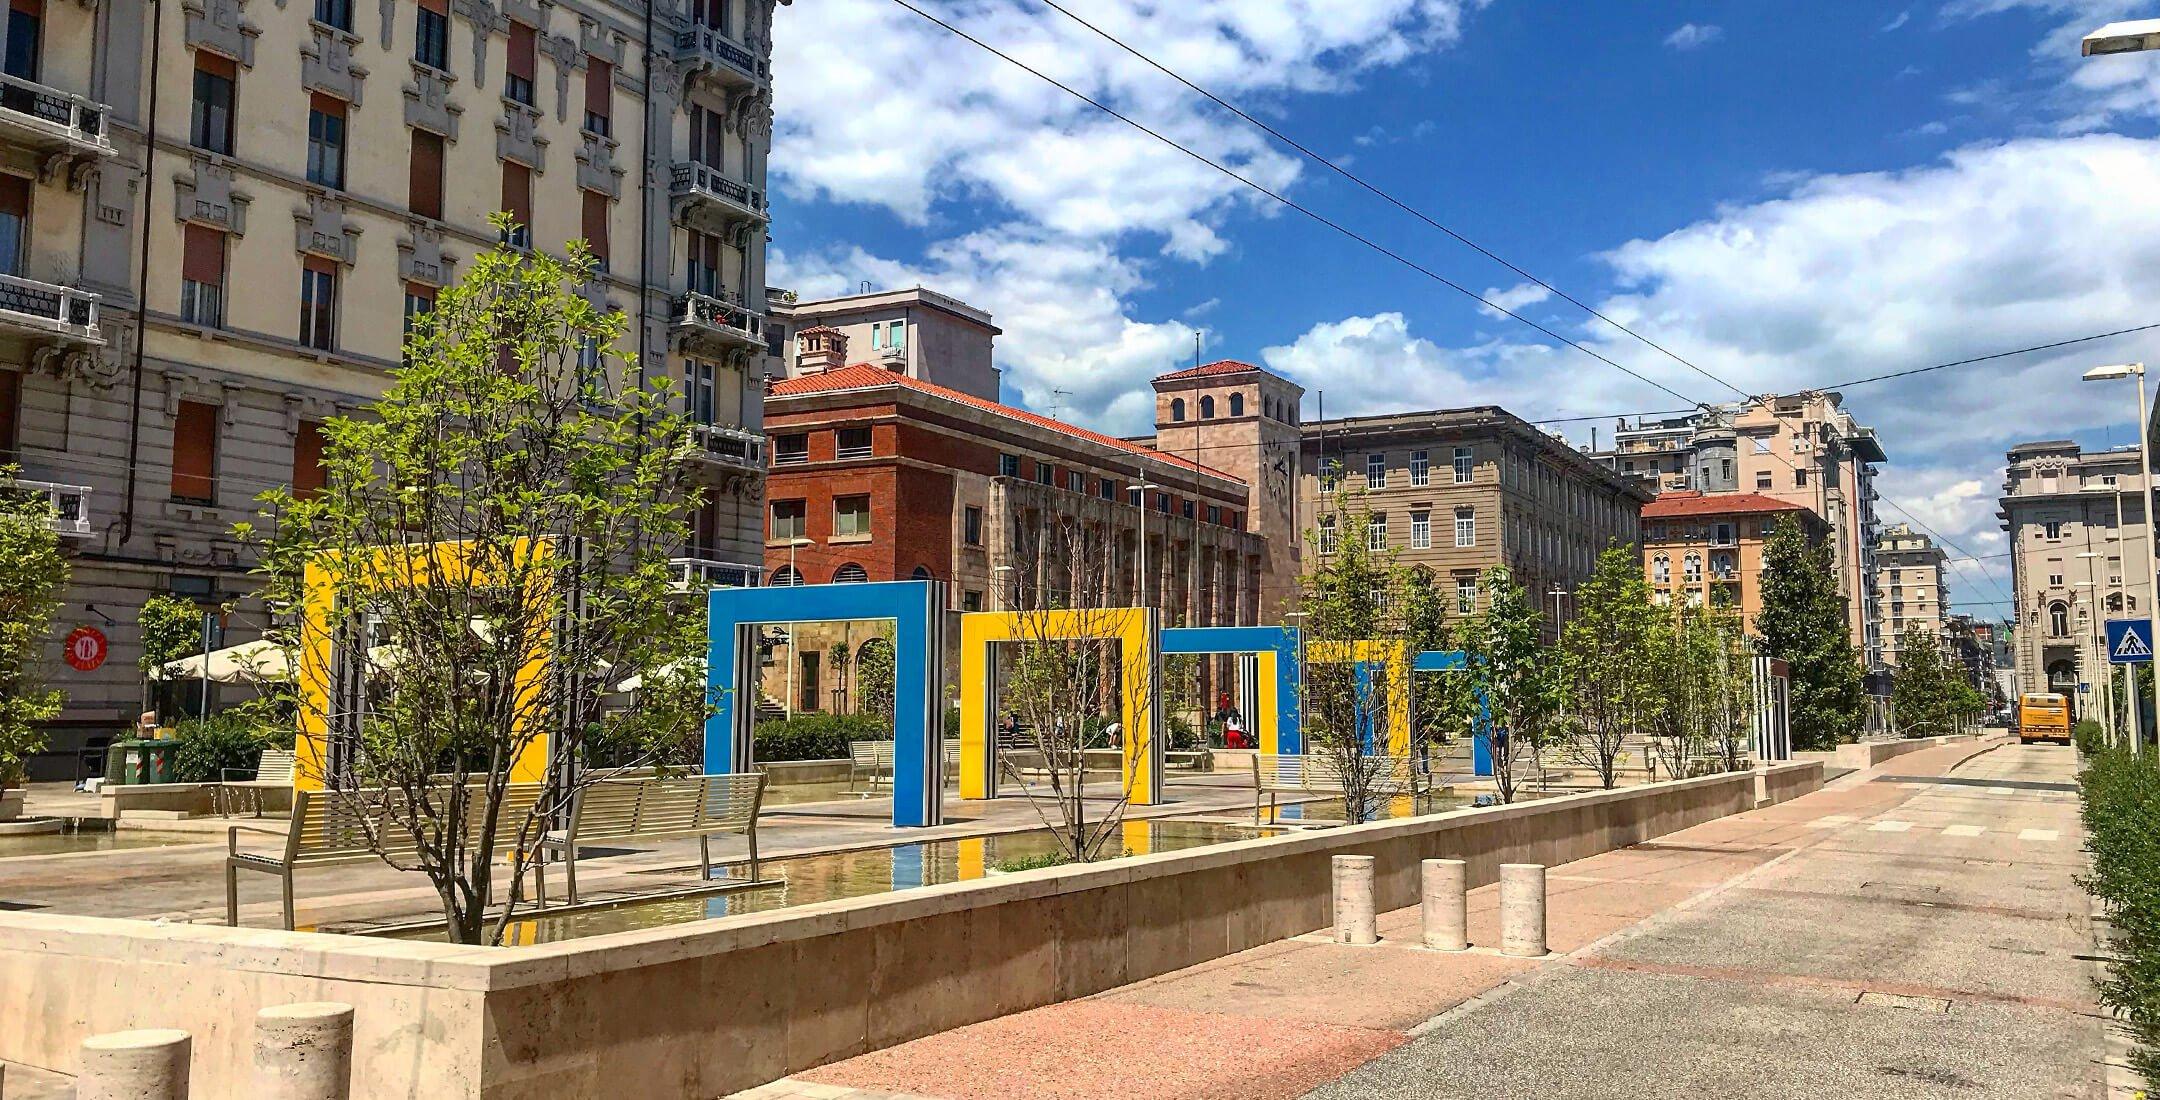 Archi di Buren (Piazza Verdi)